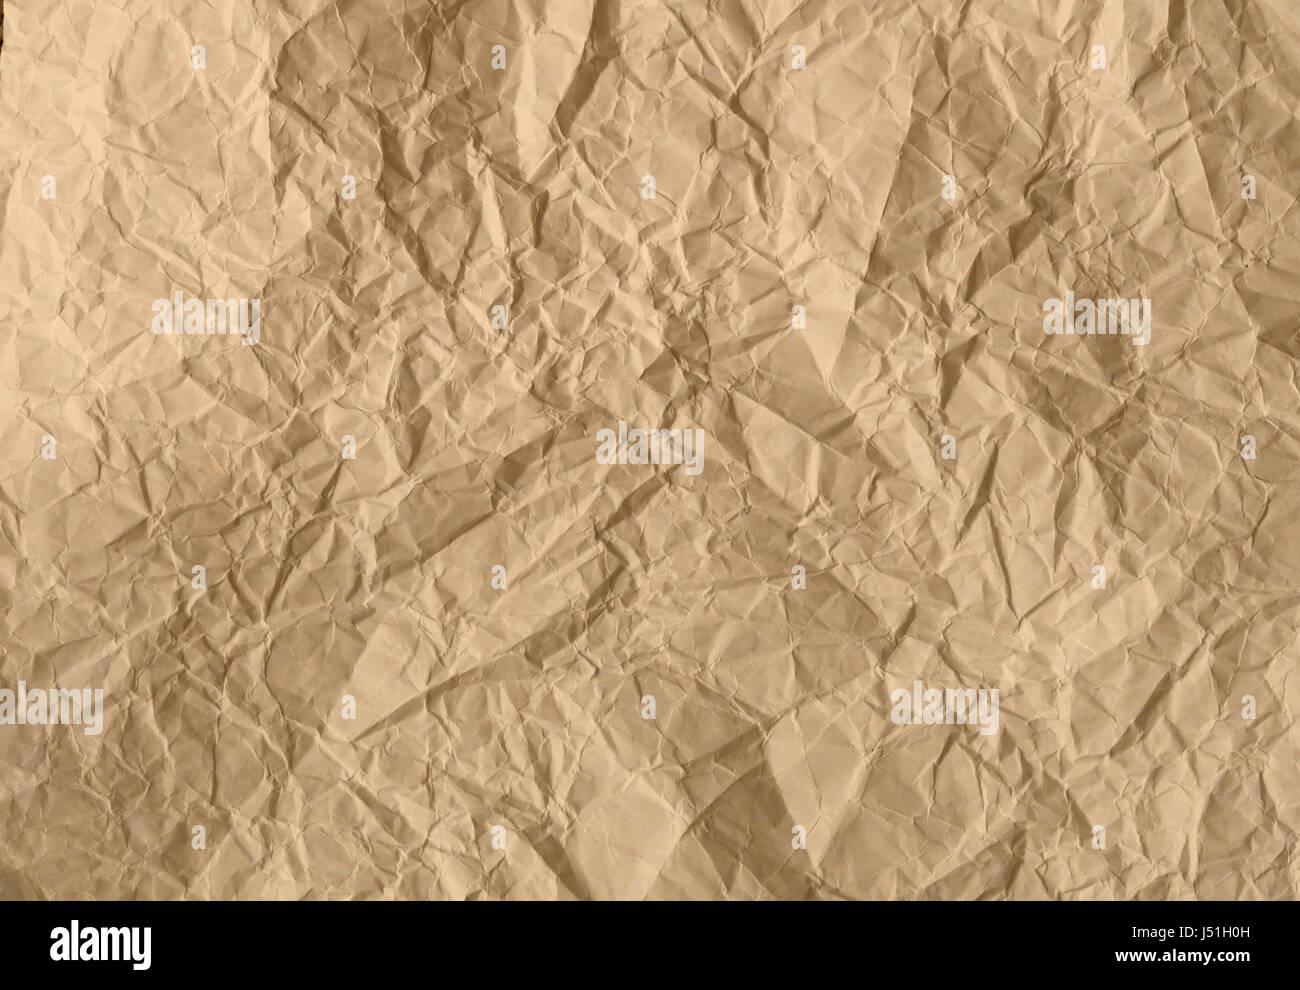 La texture du papier froissé Photo Stock